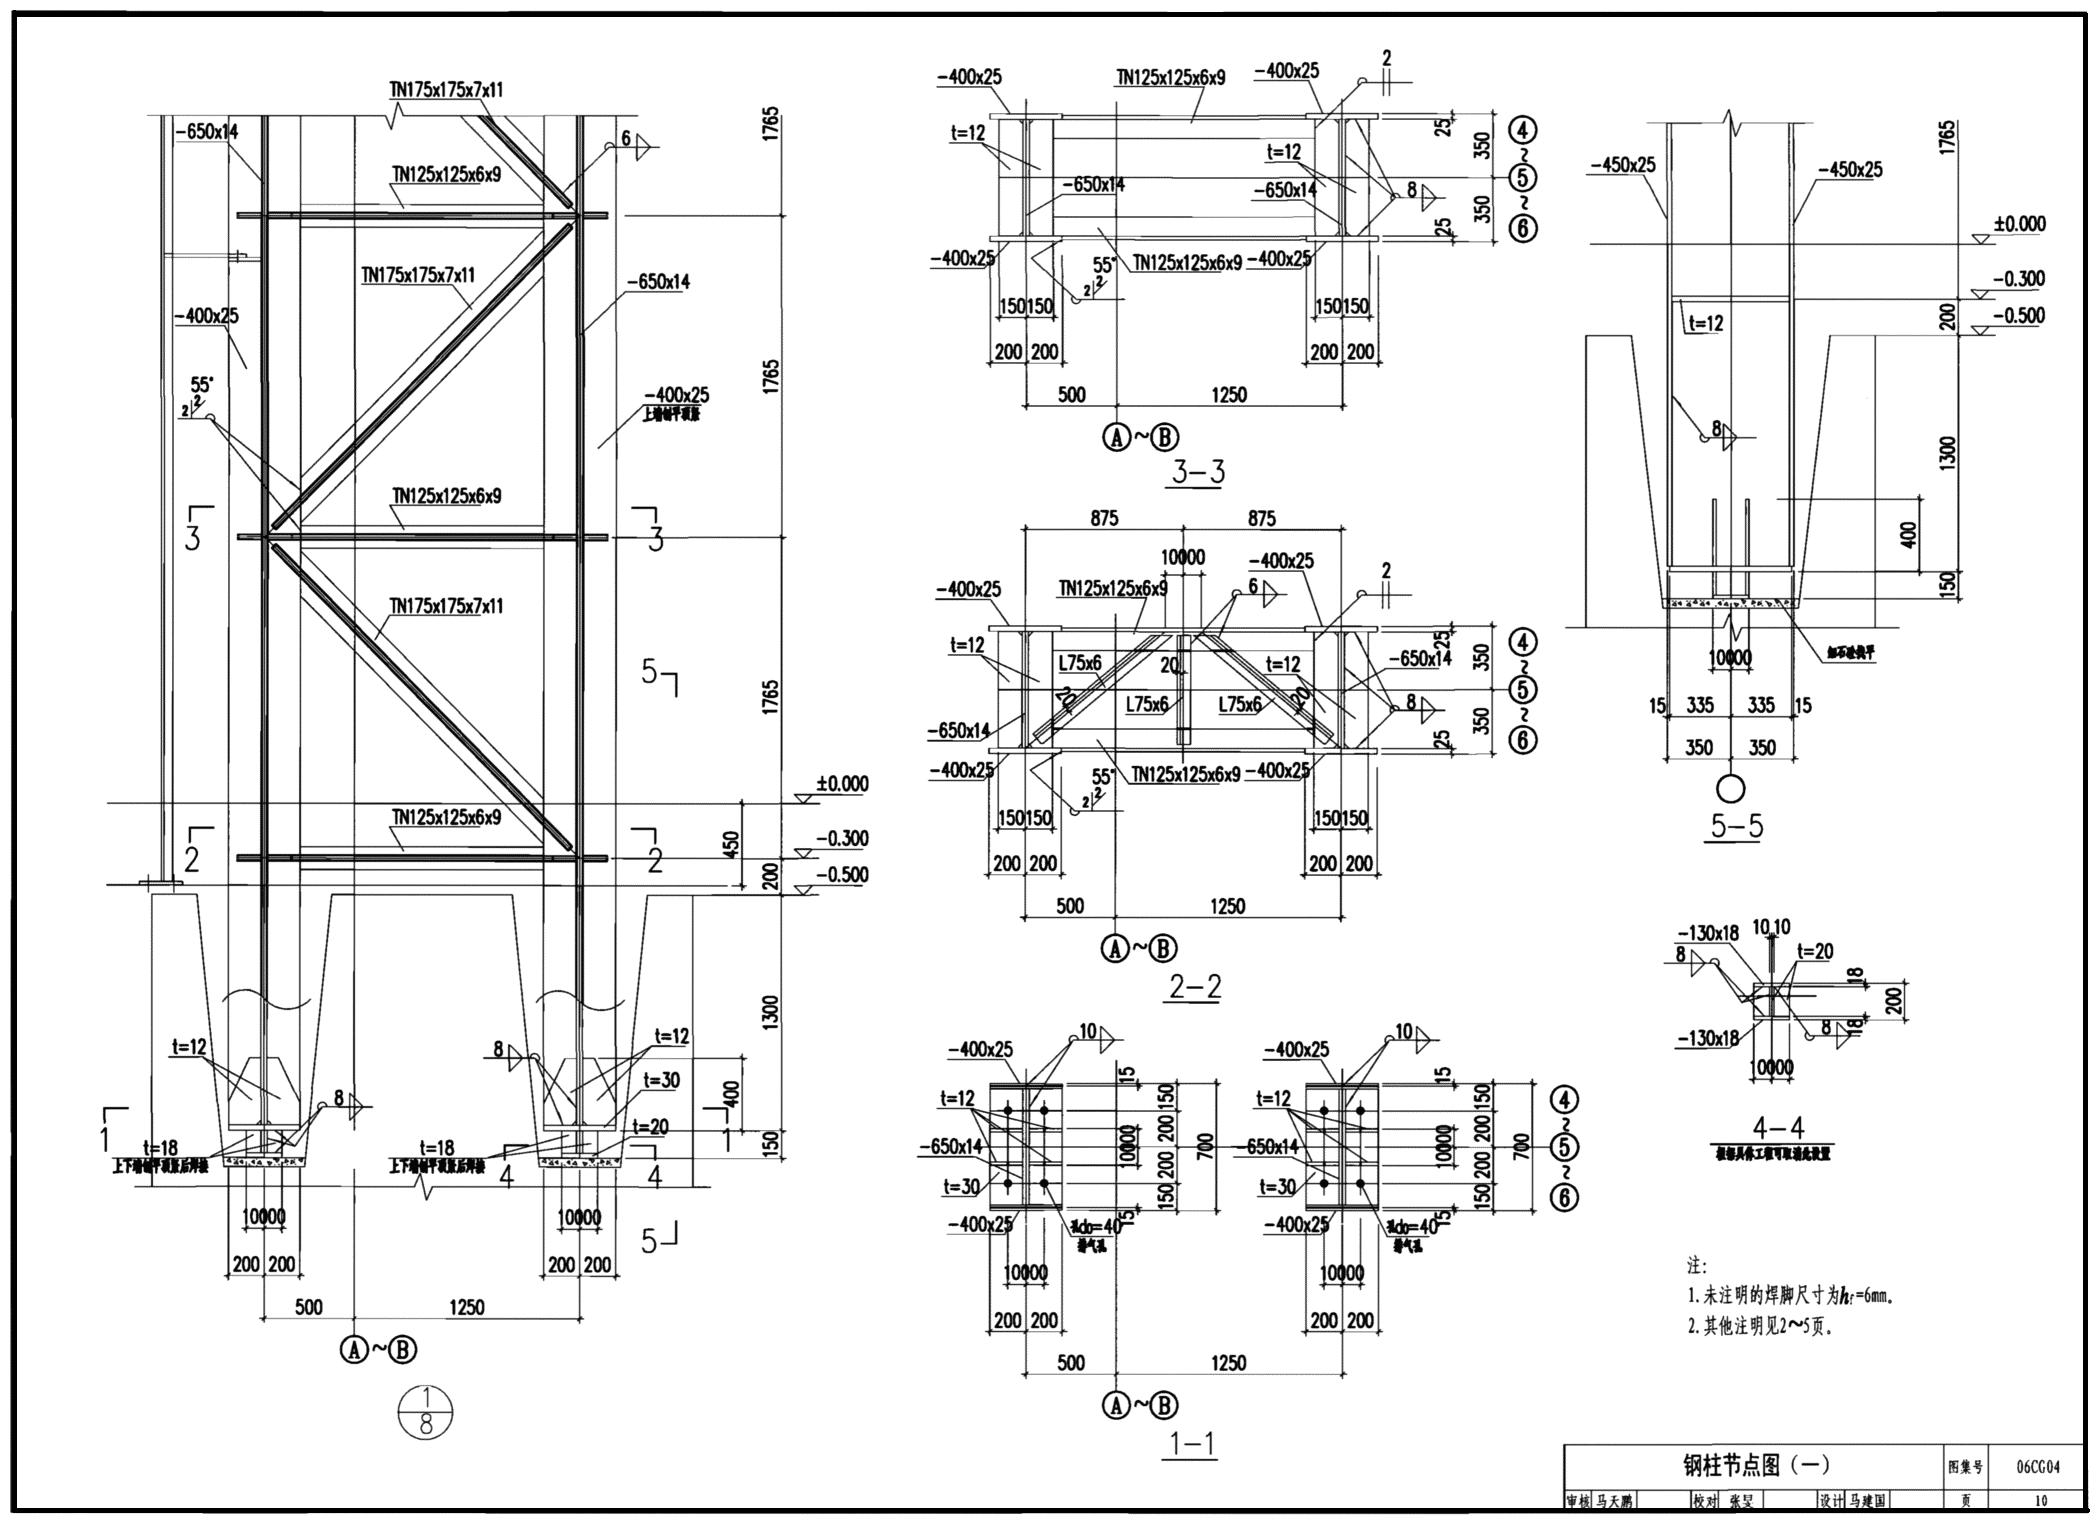 本图集是冶金行业单层钢结构厂房工程设计示例,其设计制图深度和表示方法均按该行业钢结构设计的习惯做法进行设计,当工程设计实例无法选用标准图时,可参考本图集设计示例中的布置图、剖面图、构件图及节点图进行工程的钢结构设计。本设计示例为抗震设防烈度7度,基本地震加速度为0.